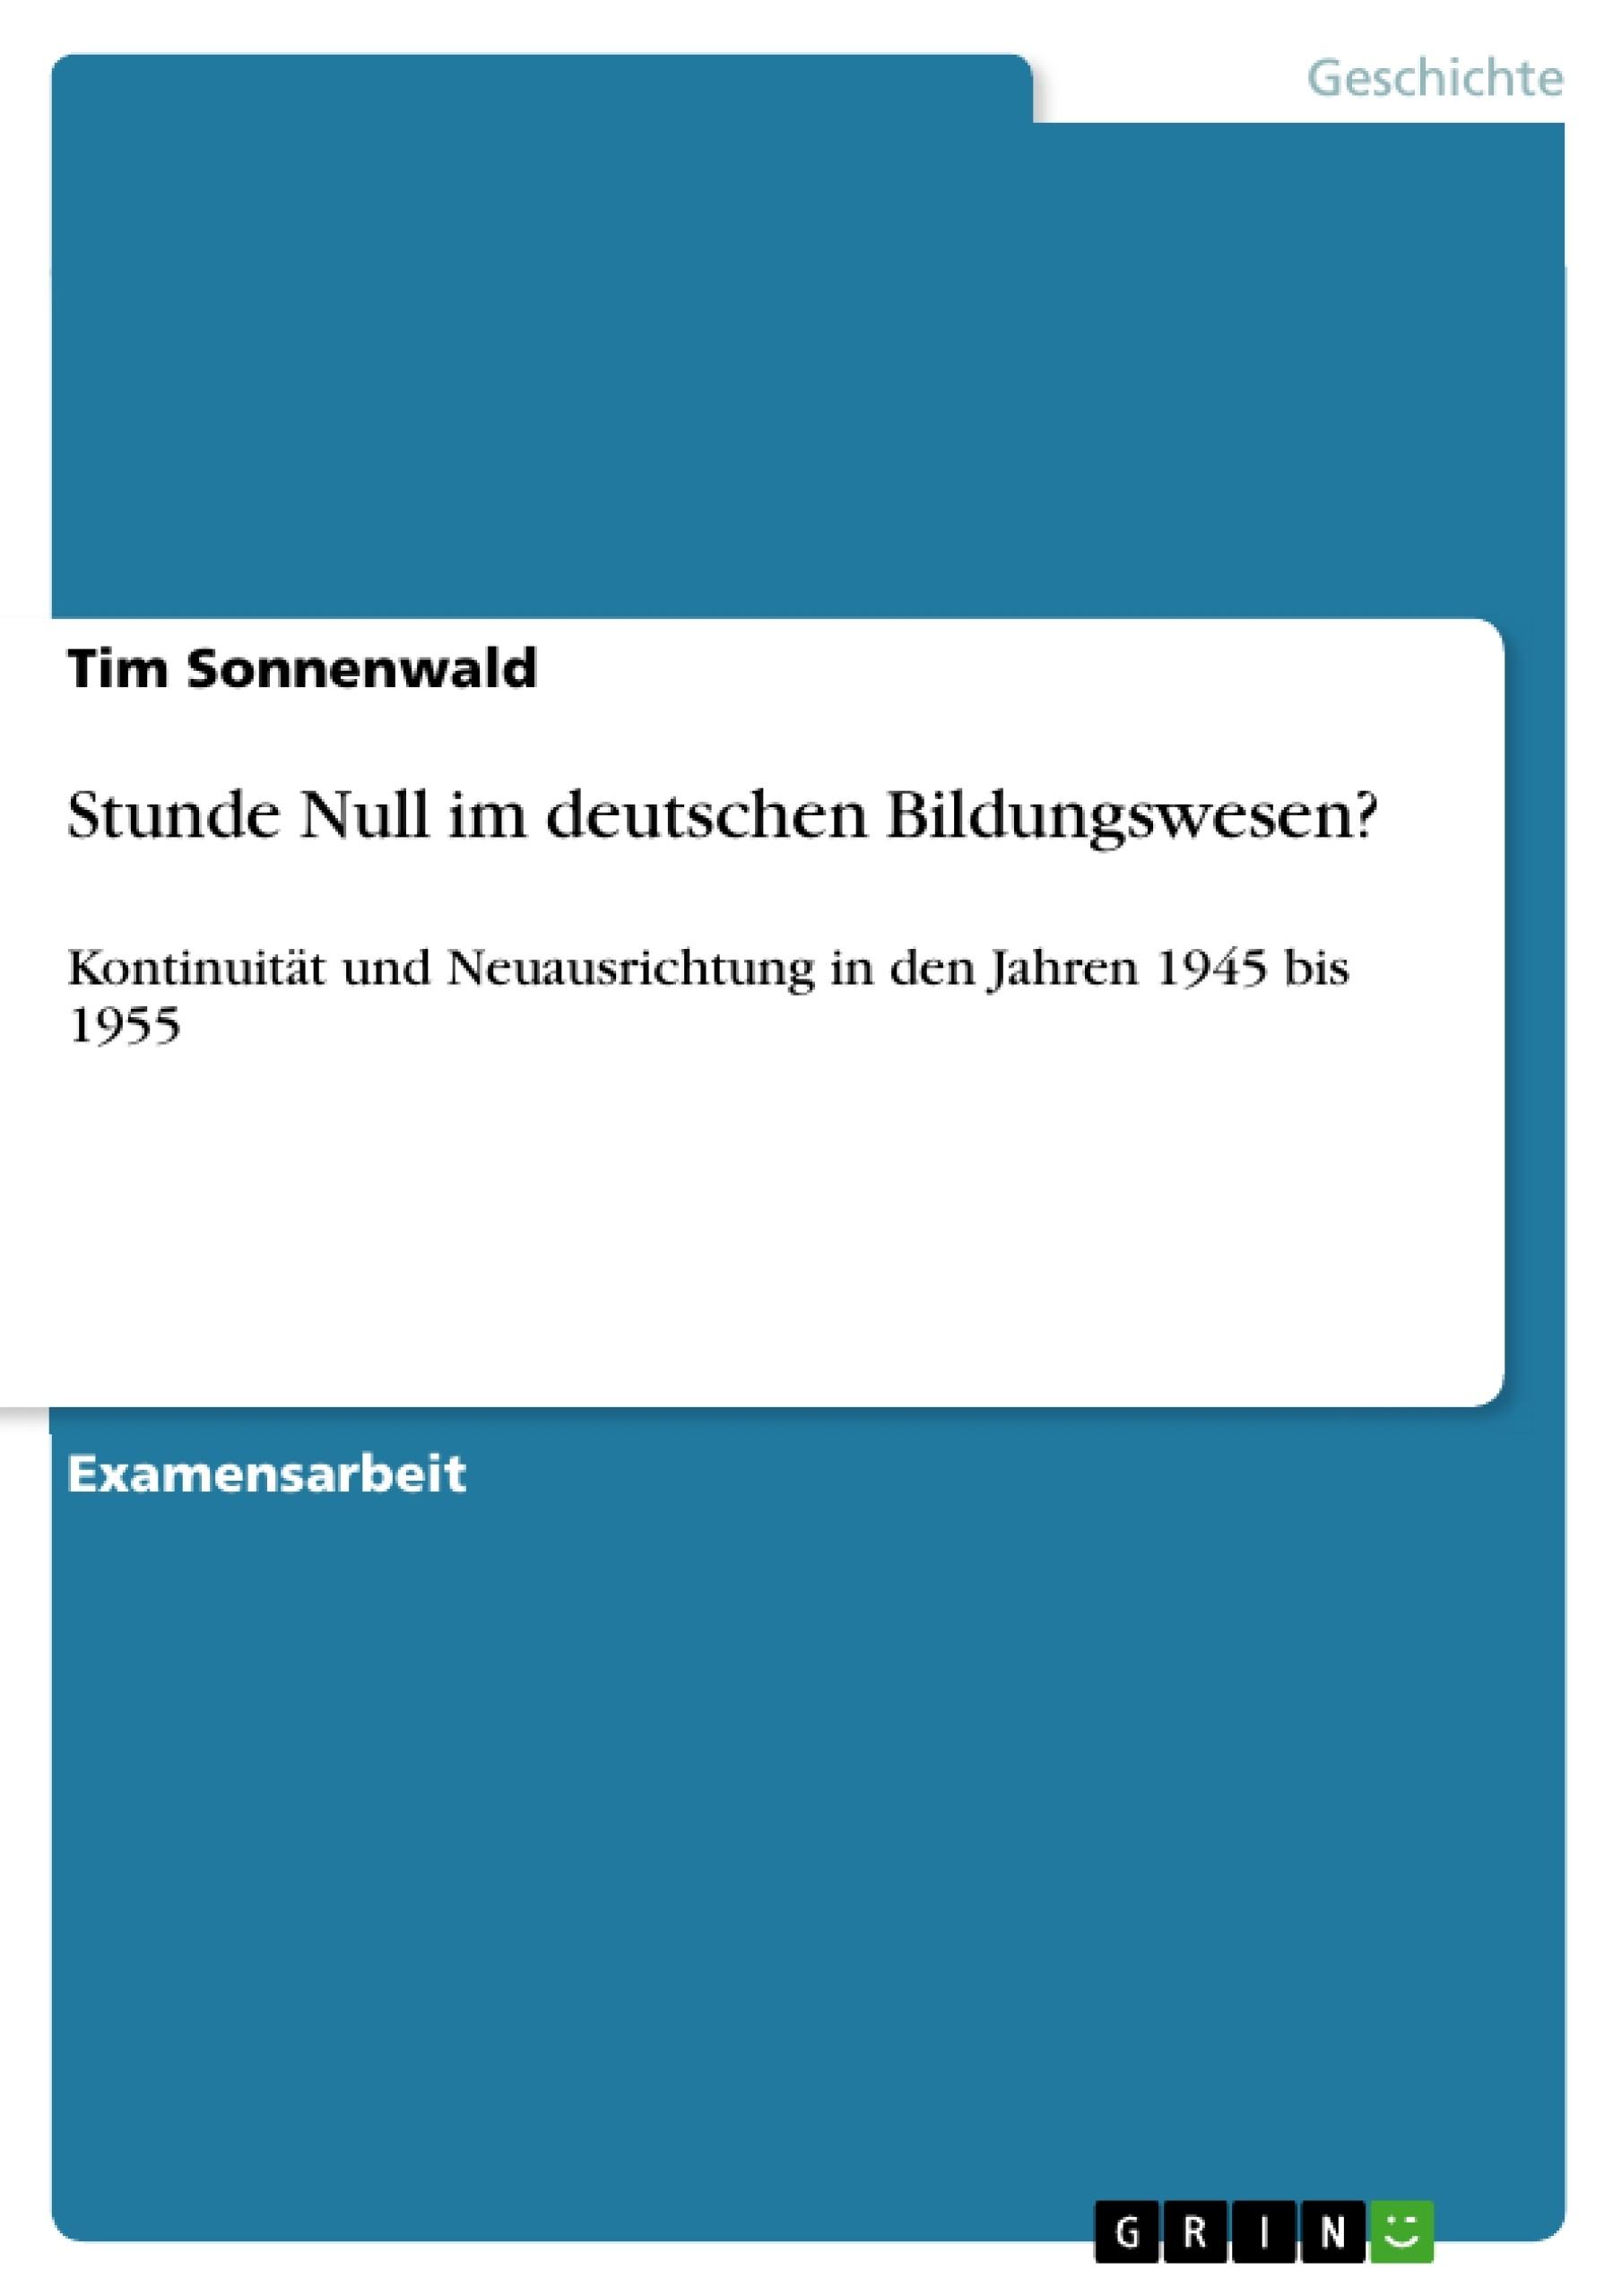 Titel: Stunde Null im deutschen Bildungswesen?